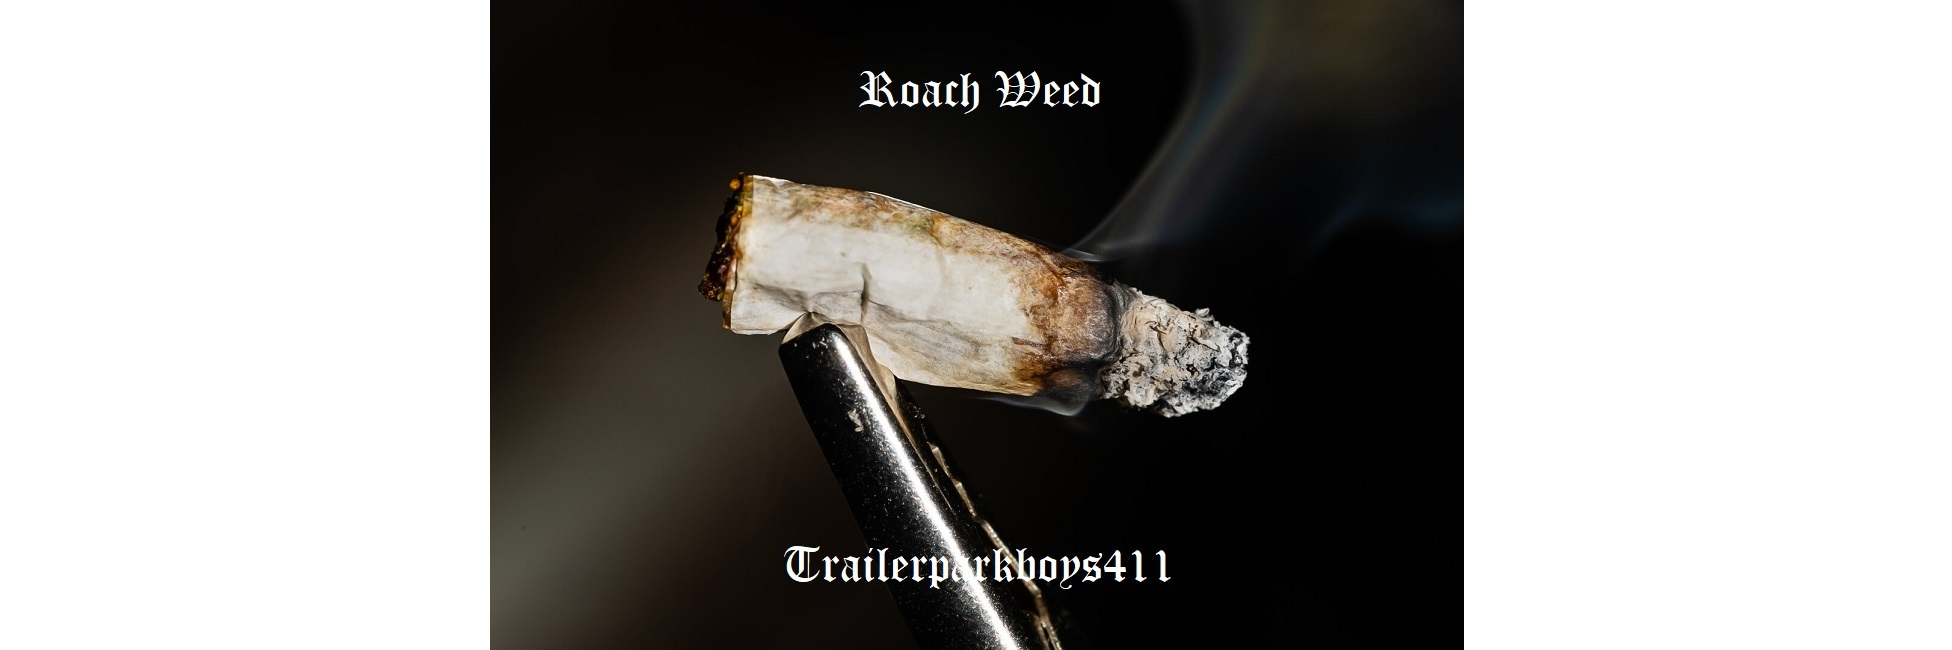 Roach Weed